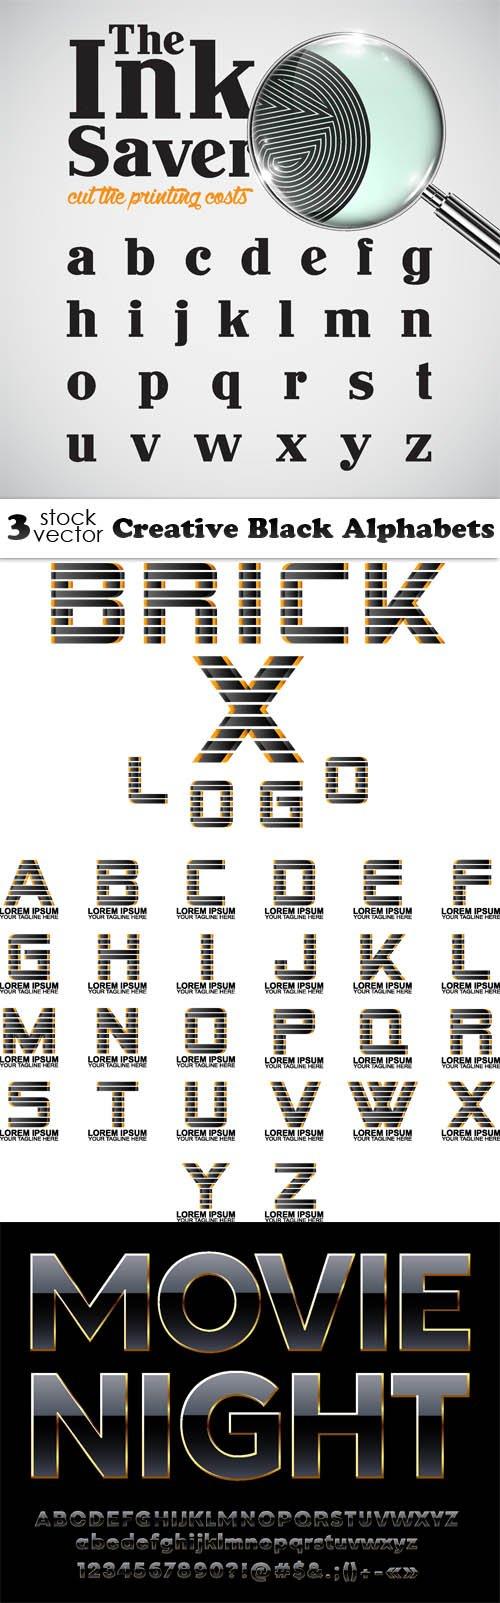 Vectors - Creative Black Alphabets